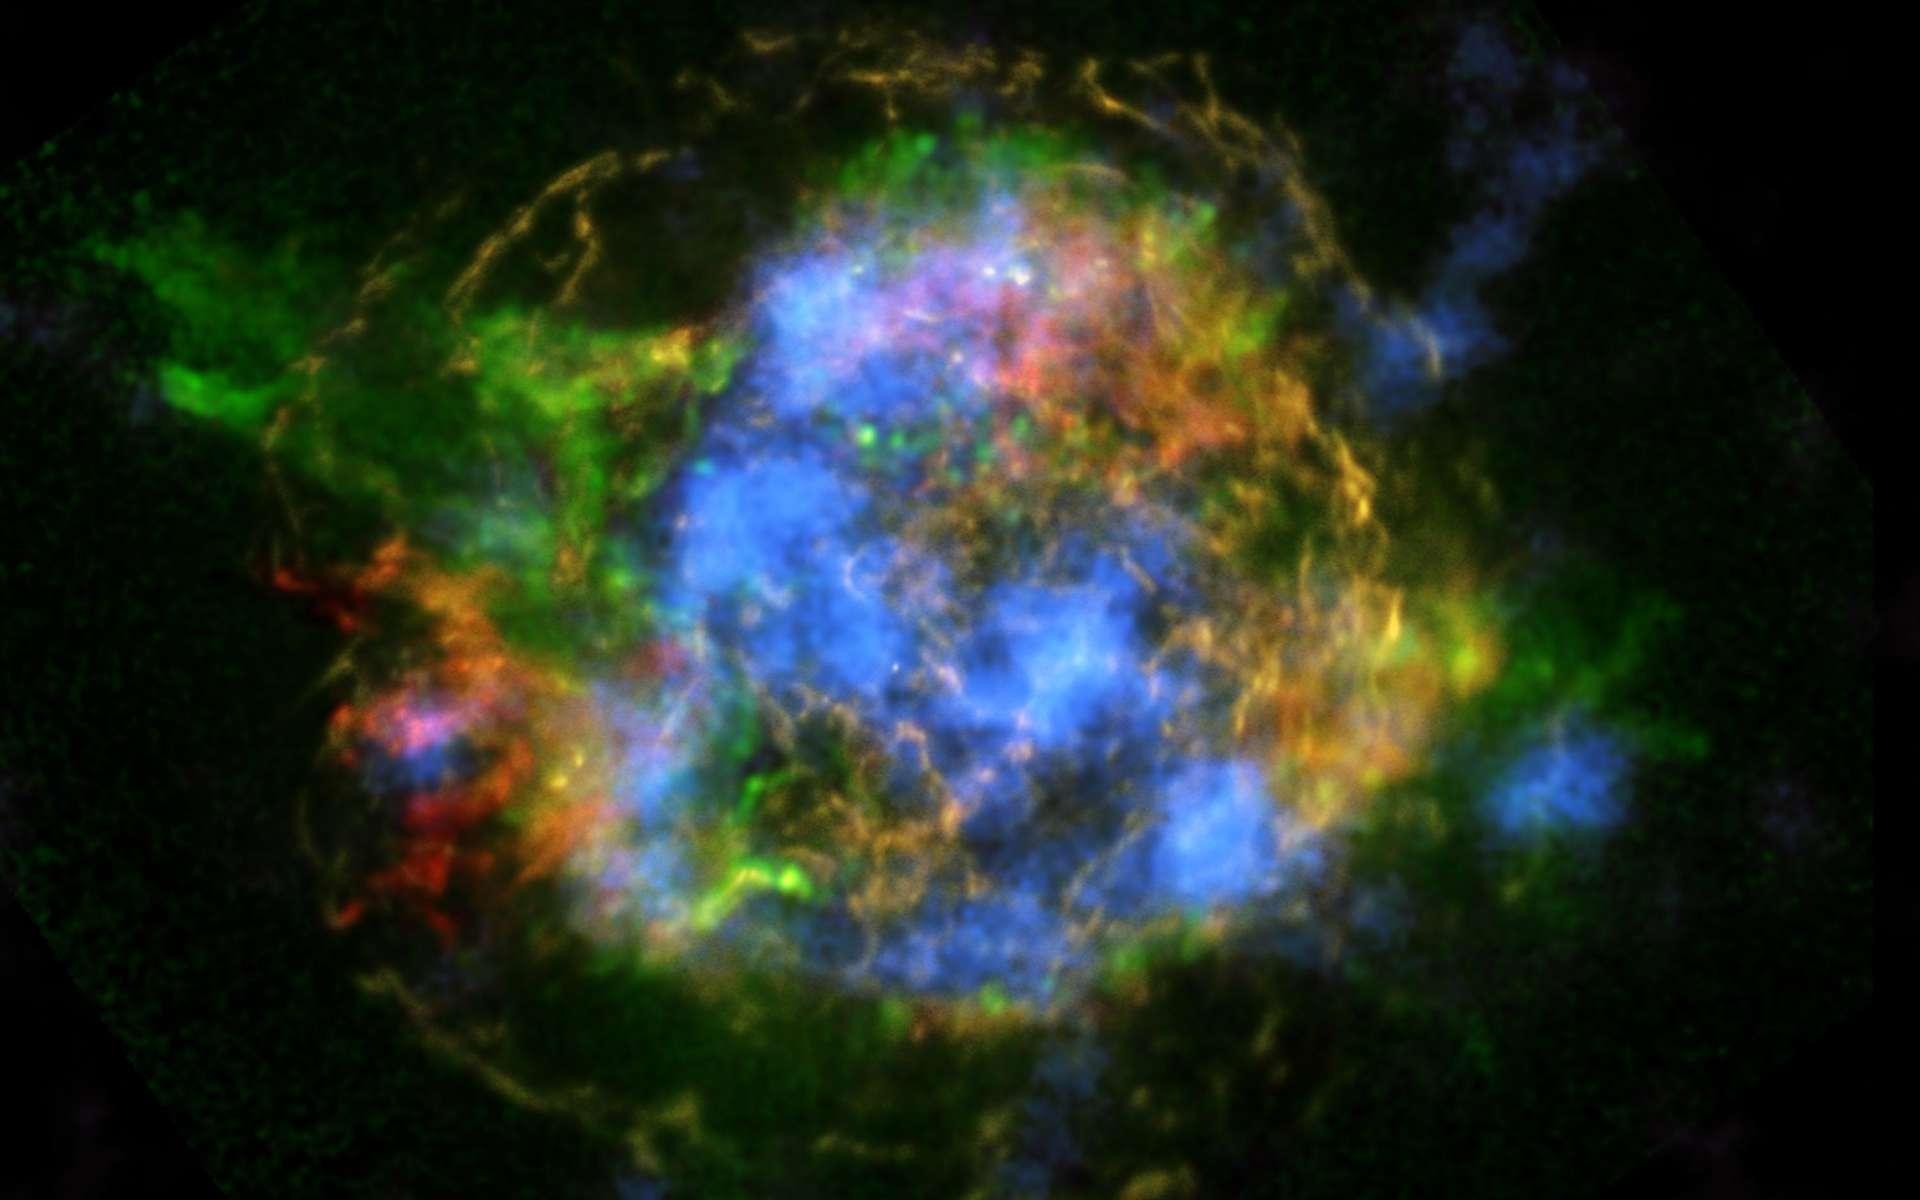 Montrées en fausses couleurs, les émissions dans le domaine des rayons X causées par divers mécanismes dans les restes de la supernova associés à la source radio Cassiopée A. Nustar vient de détecter les émissions (en bleu) du titane 44, un isotope radioactif. Sa répartition est un traceur de l'état de la matière dans l'étoile au moment où elle est devenue une supernova. © Nasa, JPL-Caltech, CXC, SAO